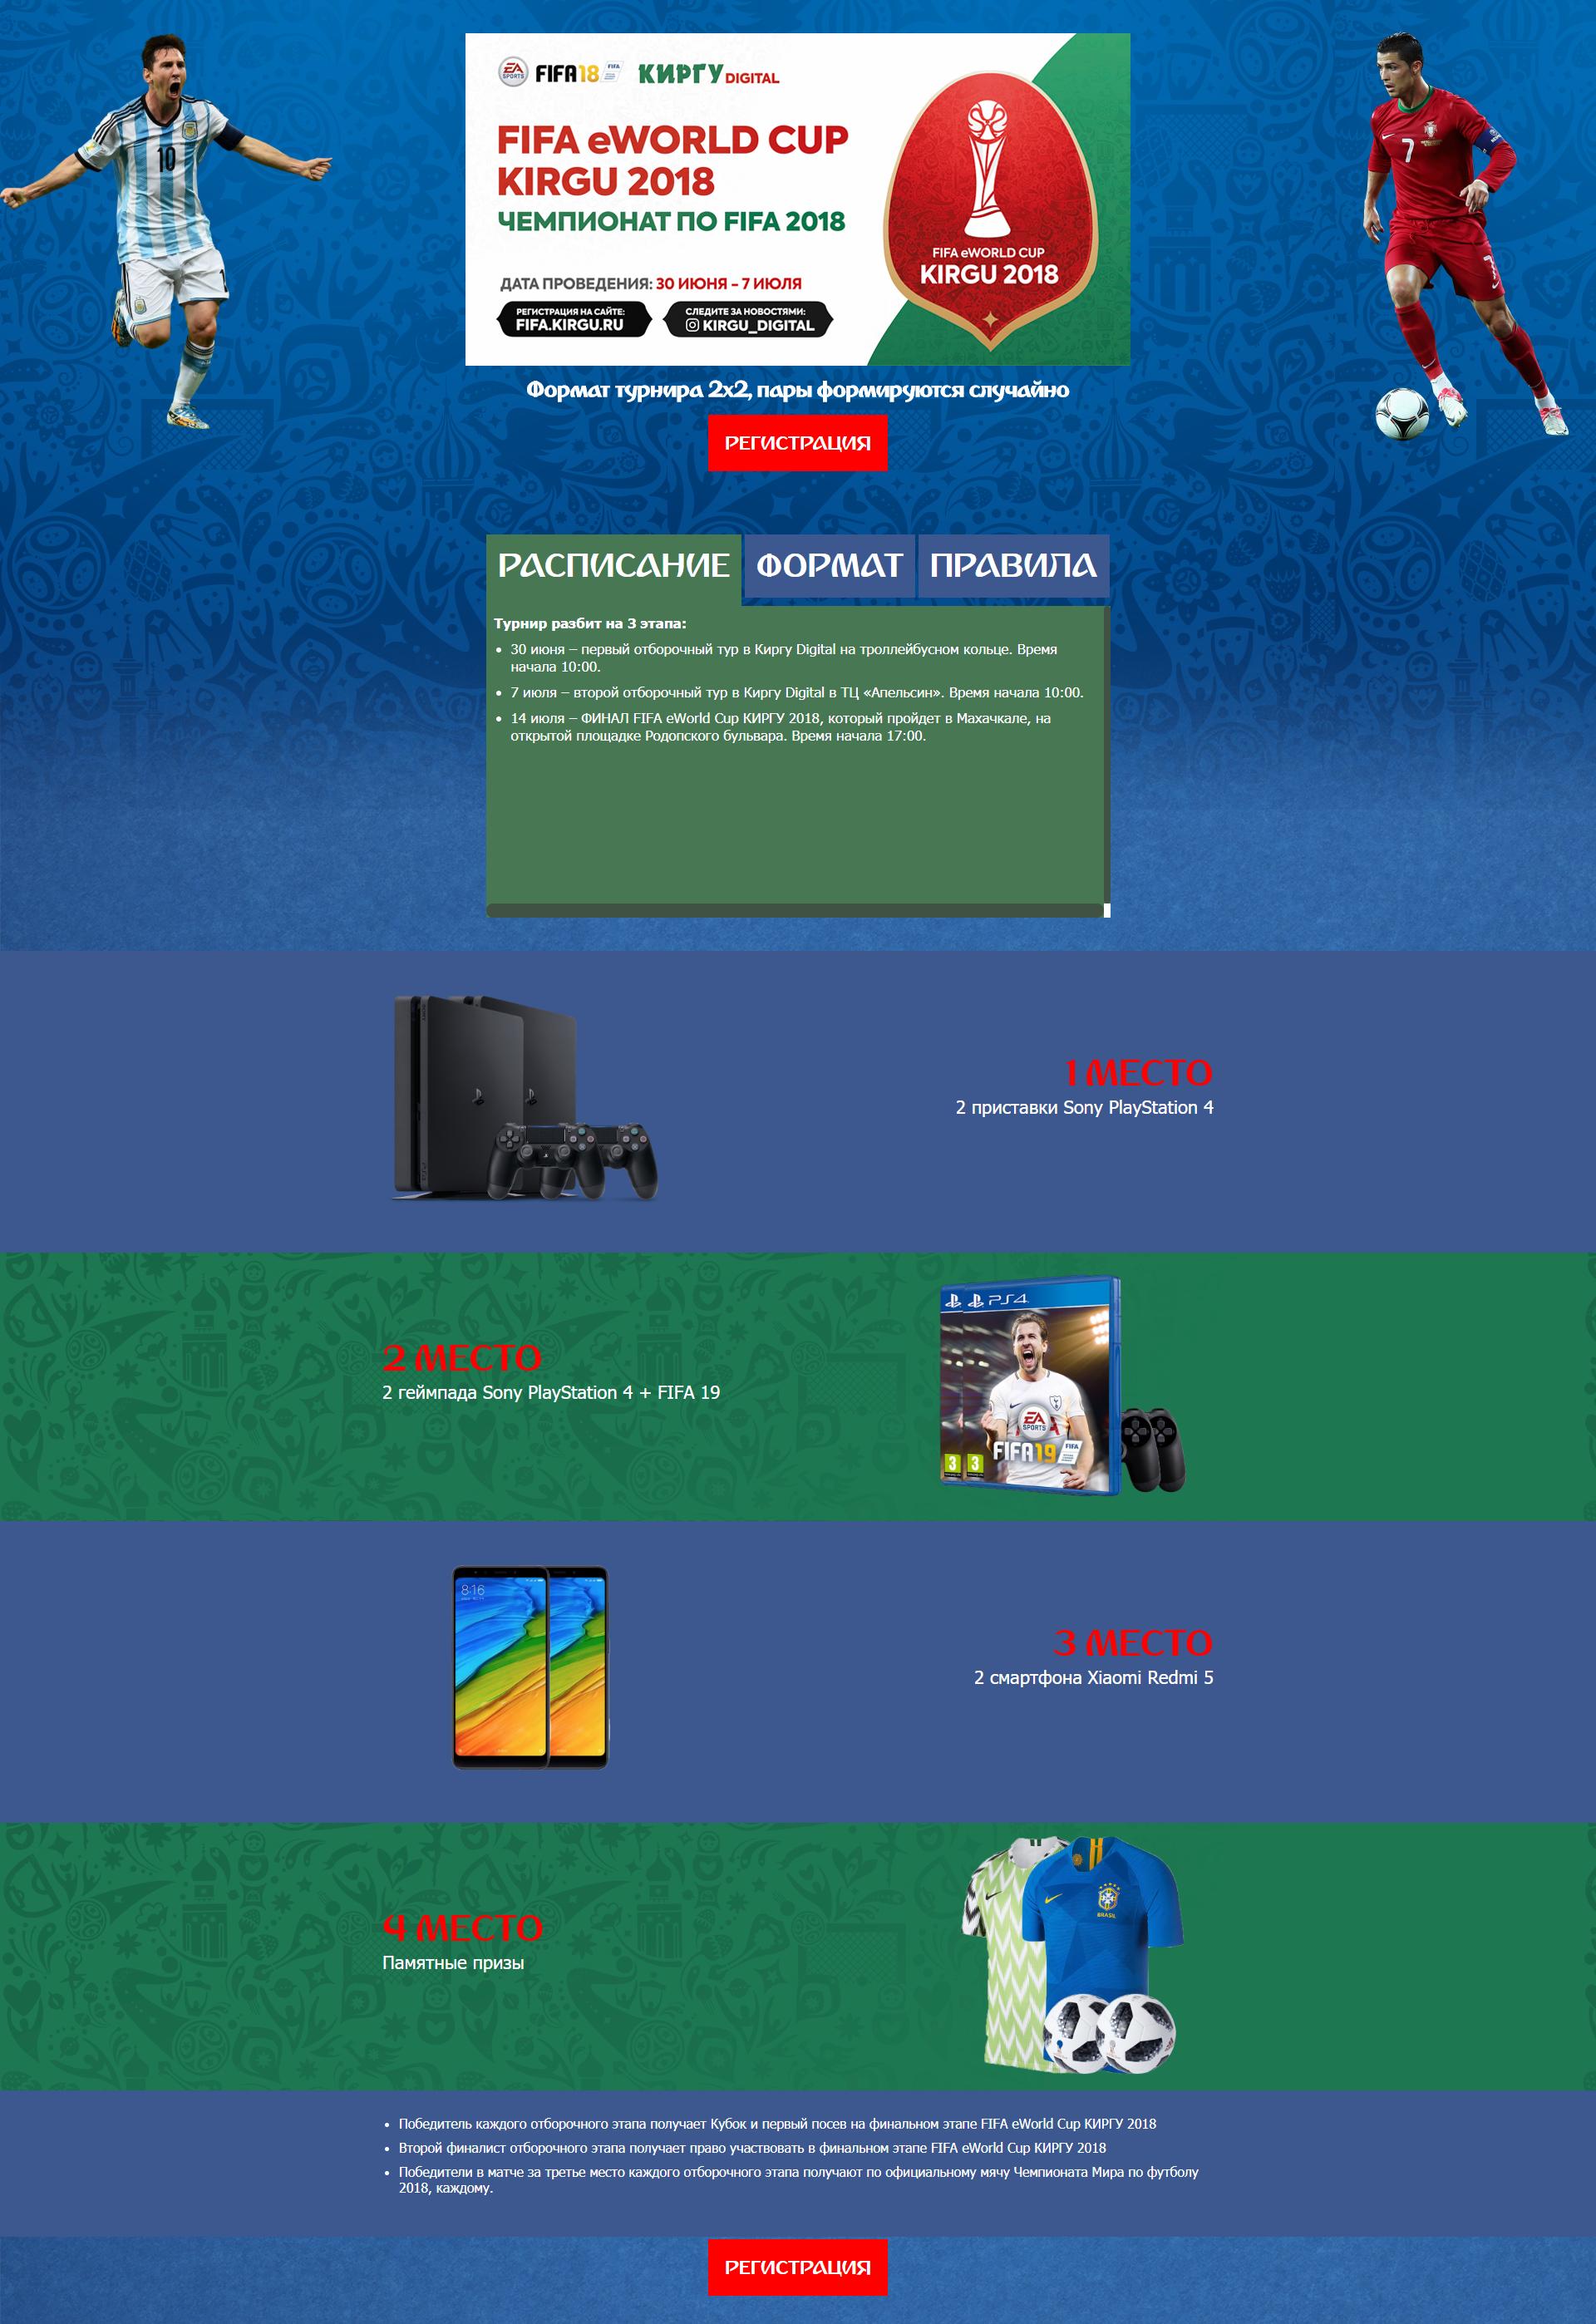 Чемпионат по FIFA - одностраничный сайт